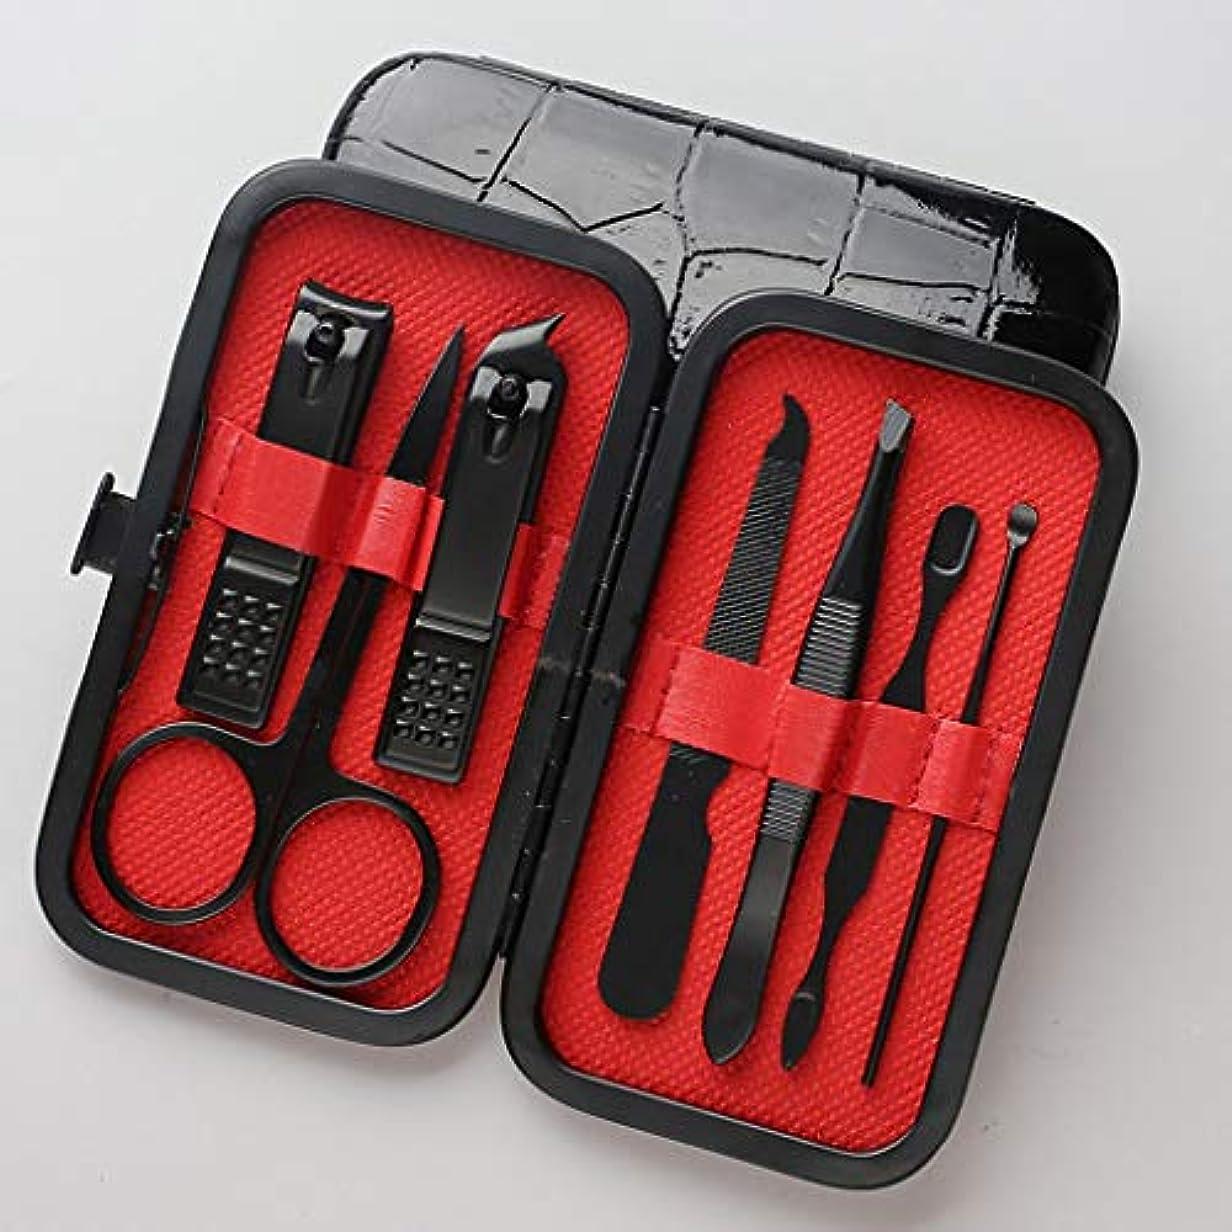 入射抑圧する酸っぱい豪華なレザーケース付きブラックPCマニキュアセット7個-ブラックネイルクリッパー、ピンセット、ハサミ、キューティクルリムーバー付きグルーミングキット